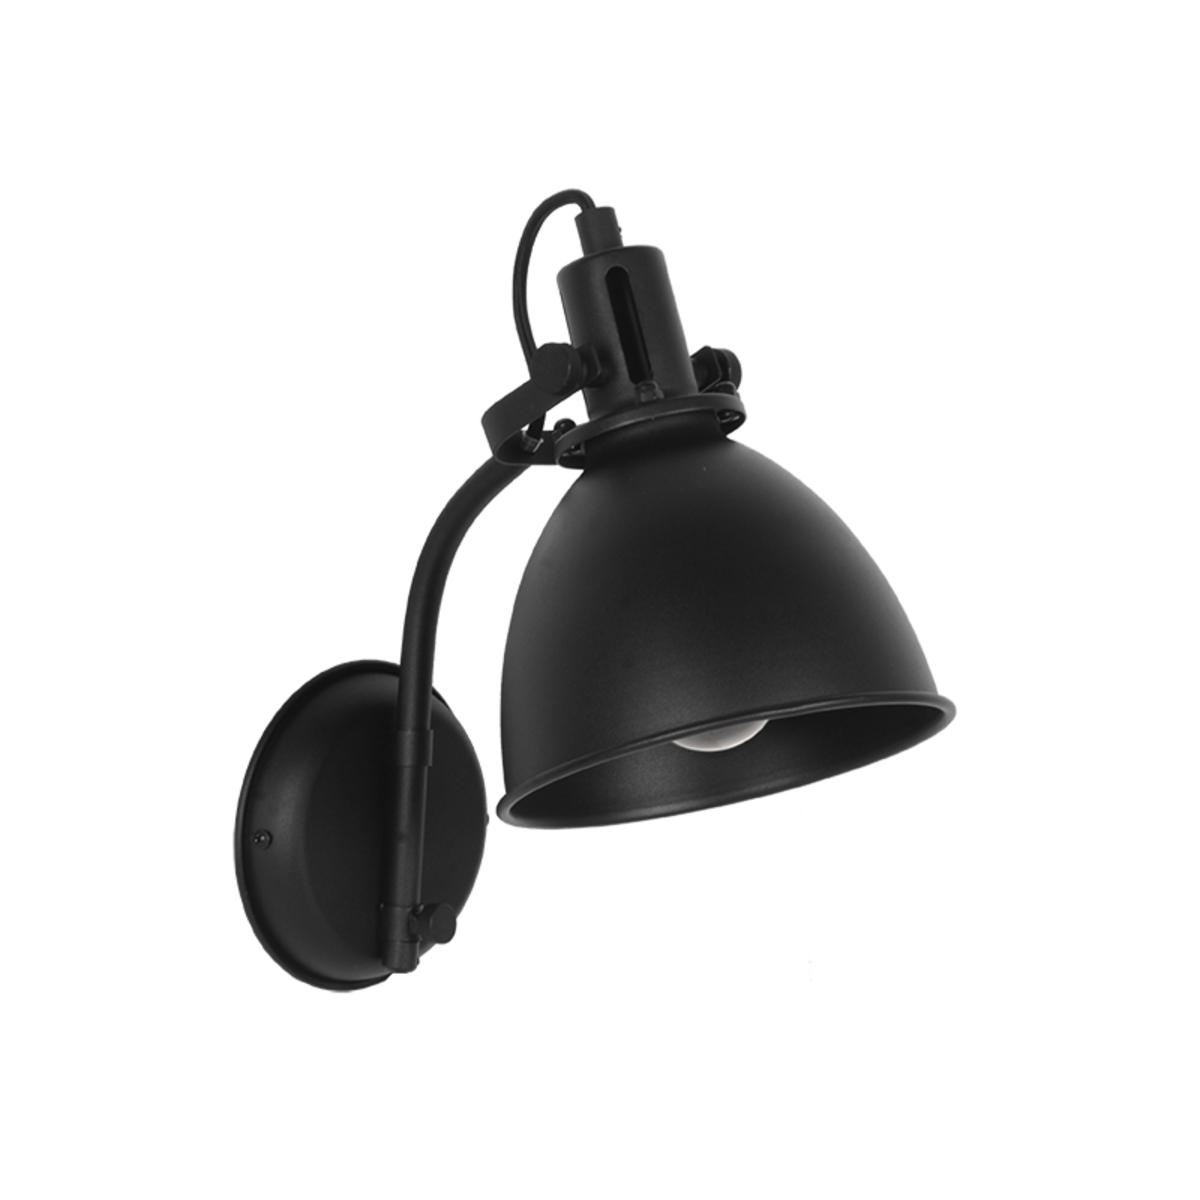 LABEL51 Wandlamp Spot - Zwart - Metaal